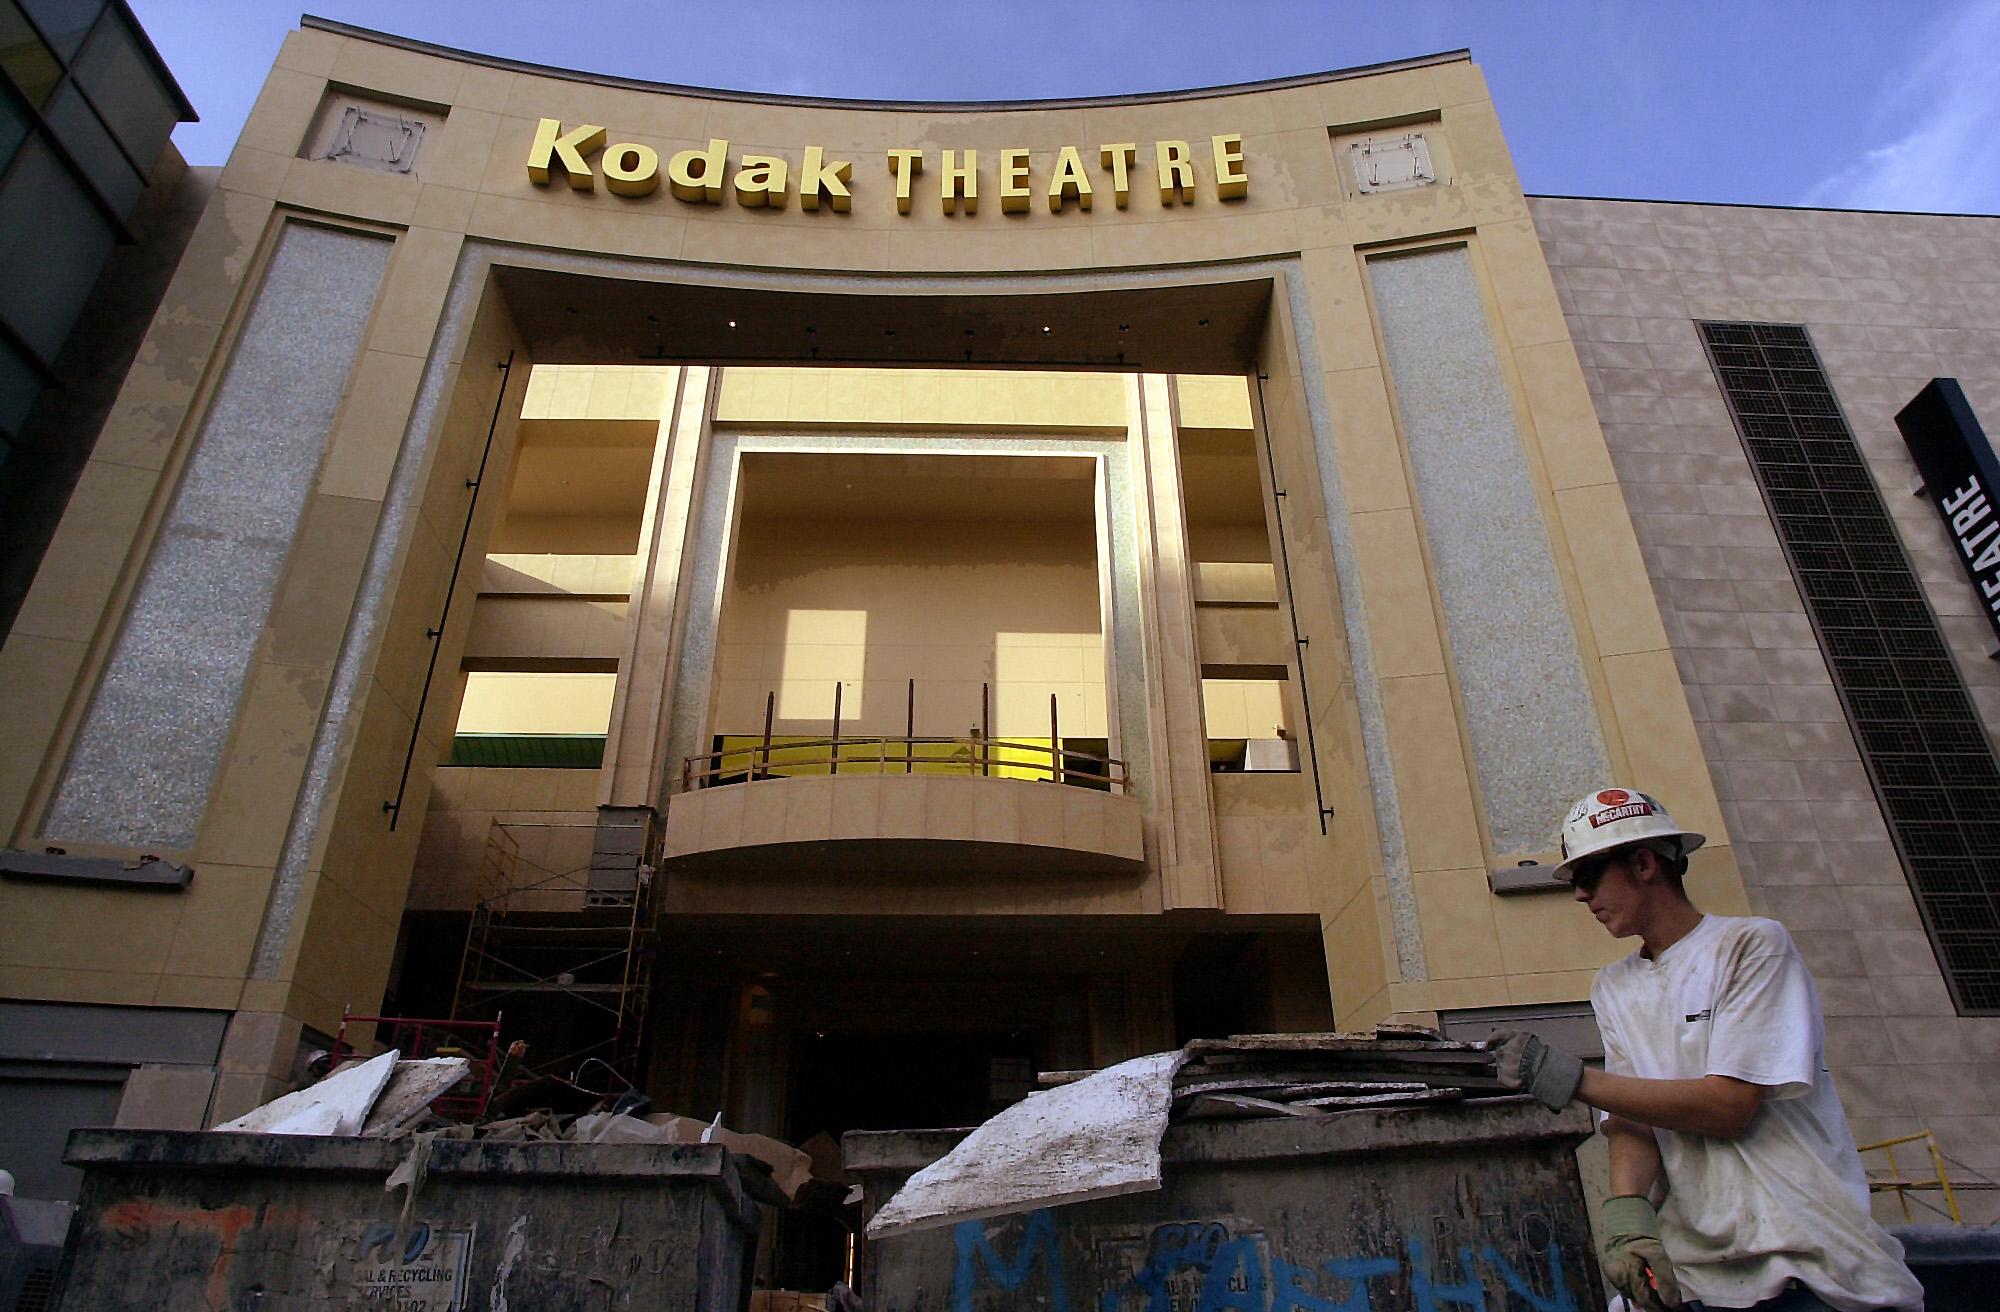 2001年10月24日,建築工人正為即將啟用的柯達劇院做最後整理。(美聯社)